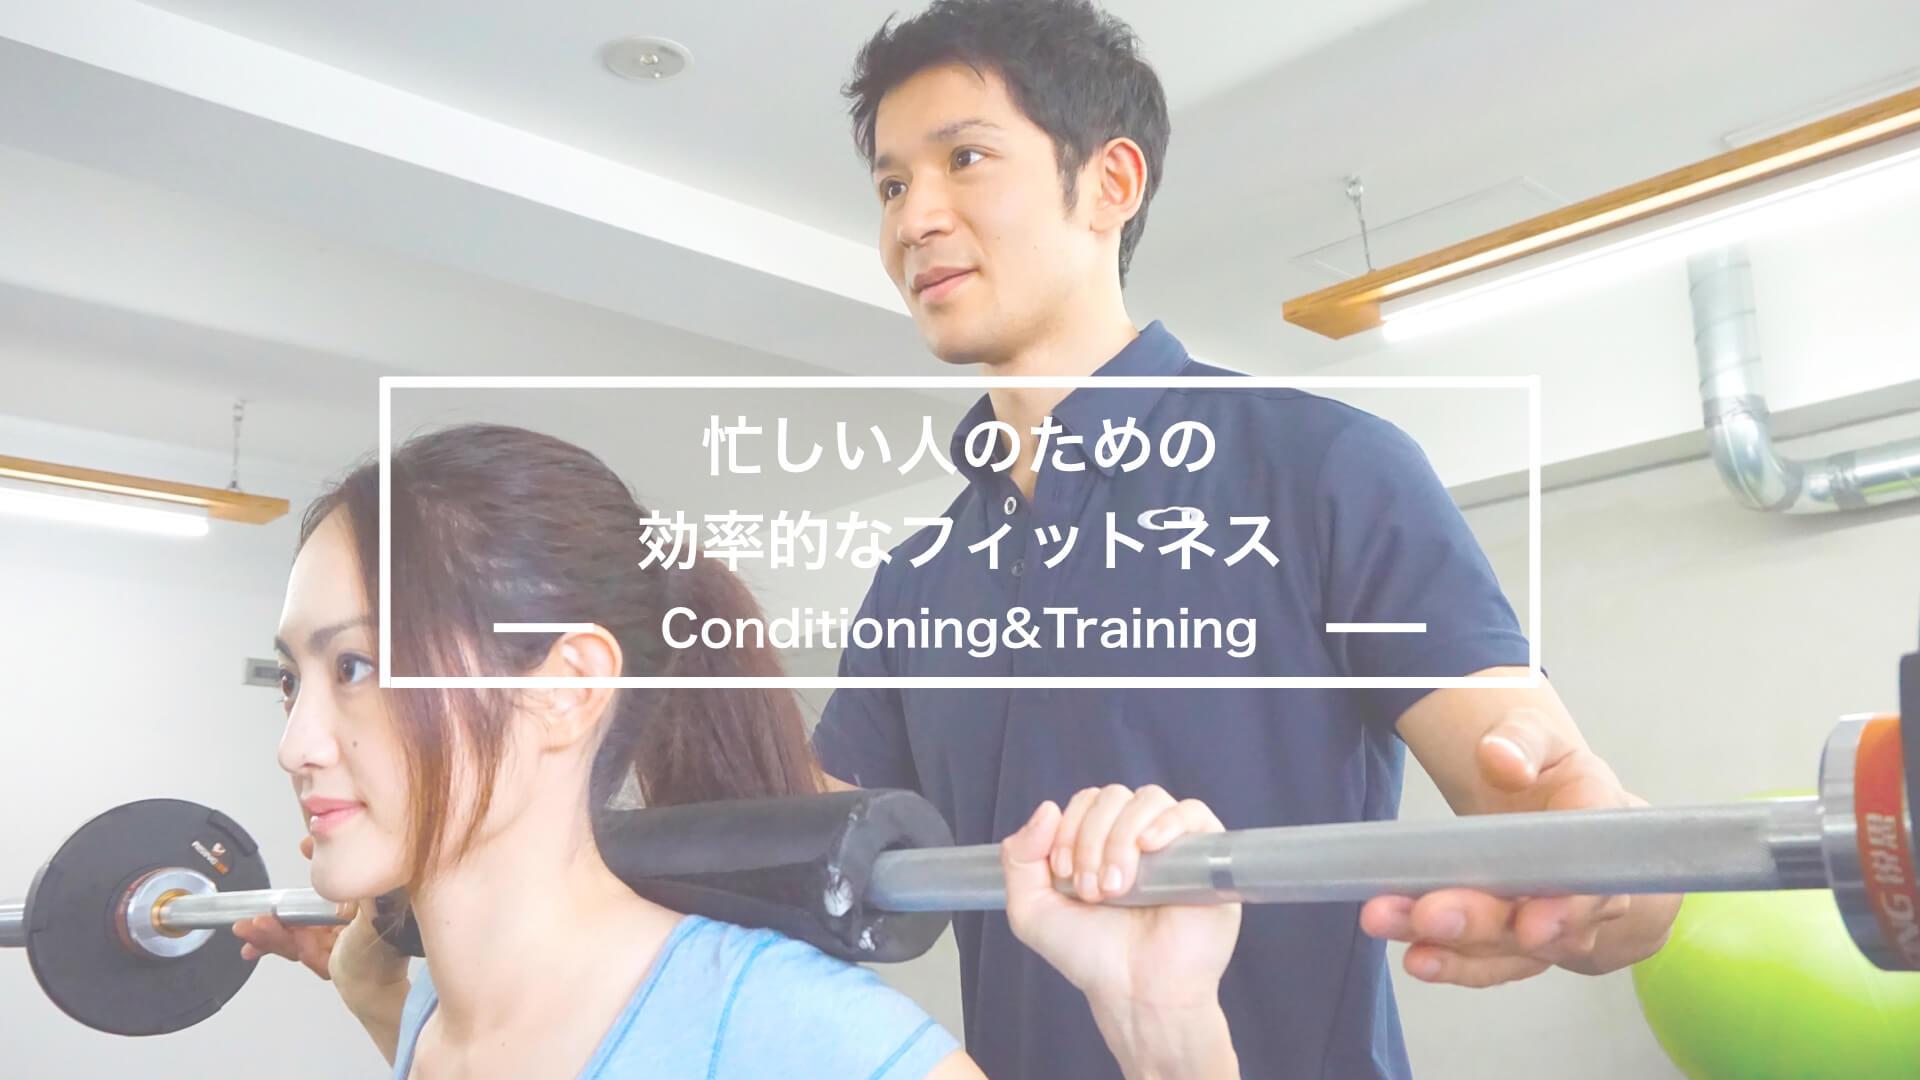 パーソナルトレーニング,原宿,千駄ヶ谷